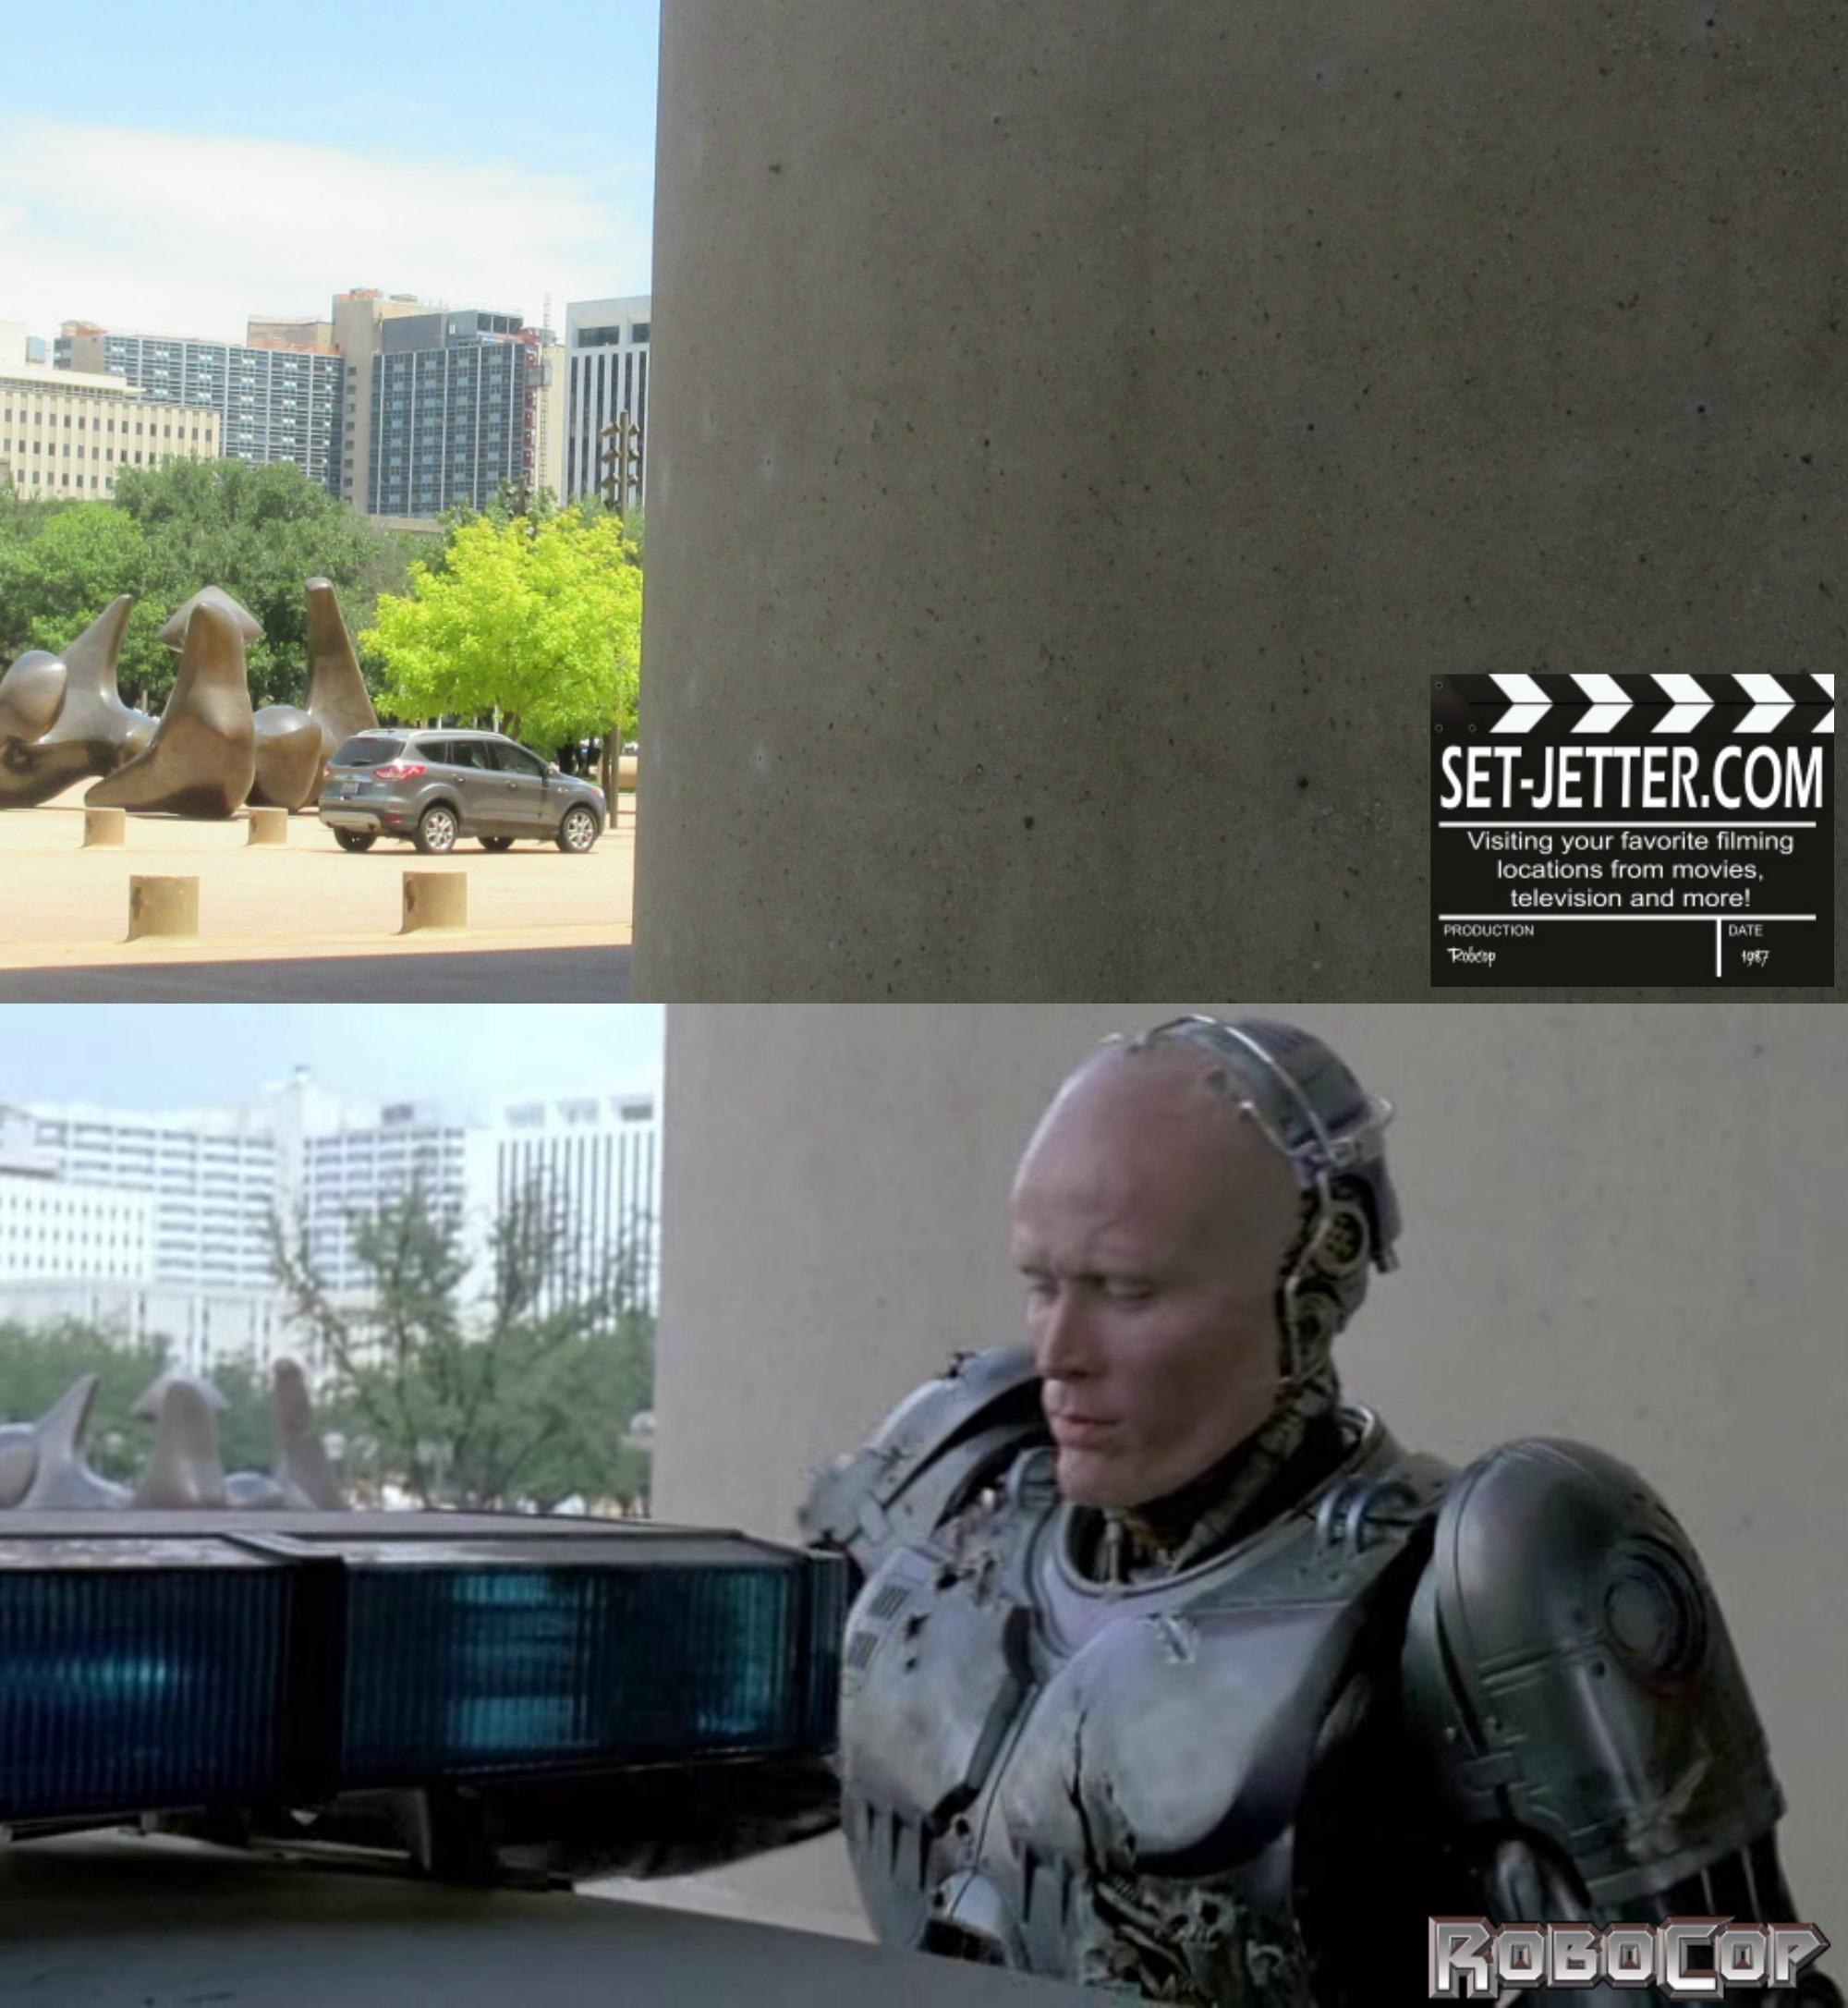 Robocop comparison 171.jpg